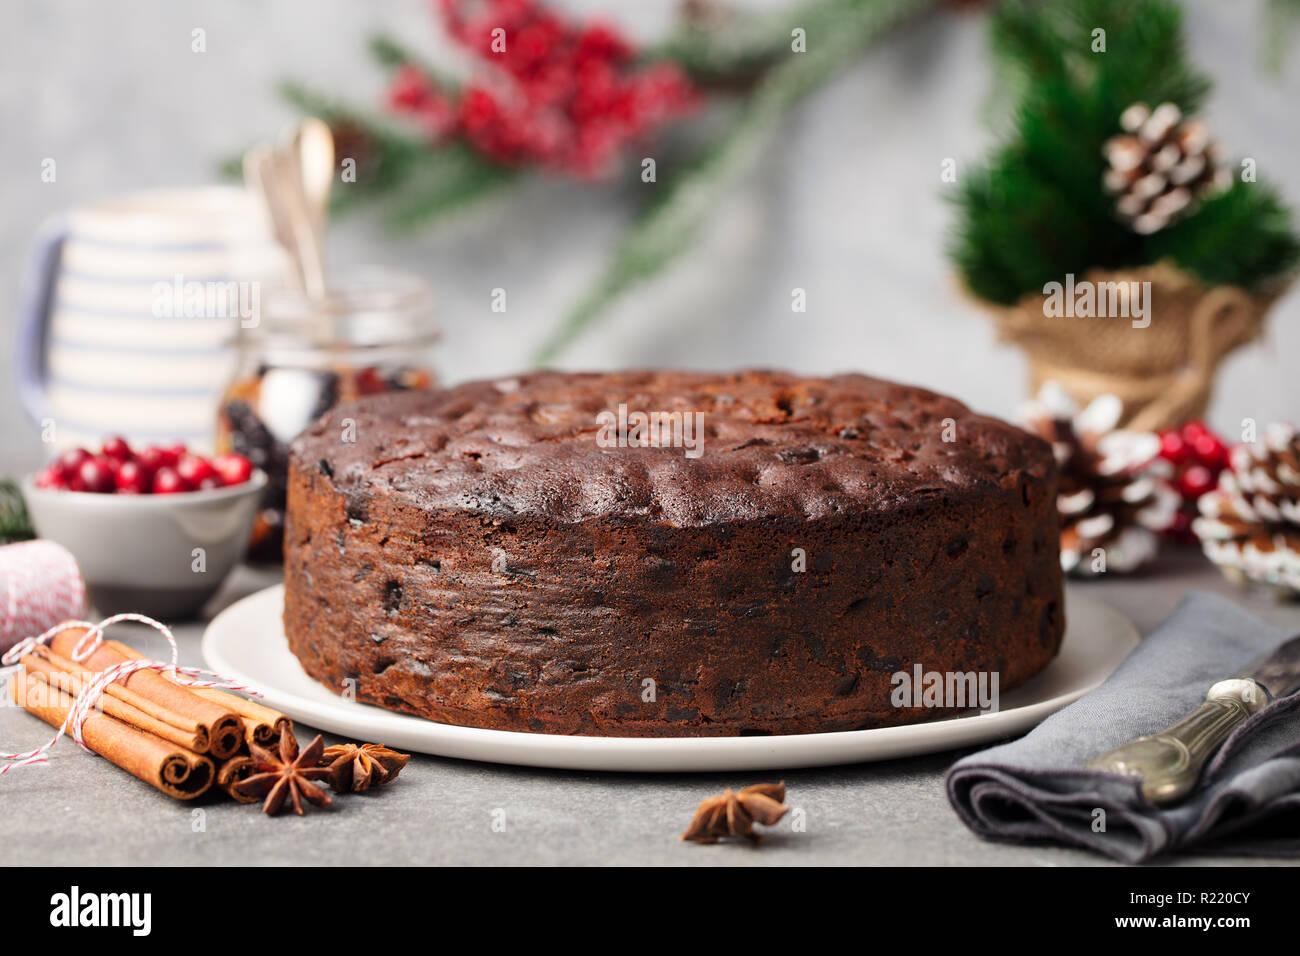 Weihnachten Obst Kuchen Pudding Auf Weisse Platte Kopieren Sie